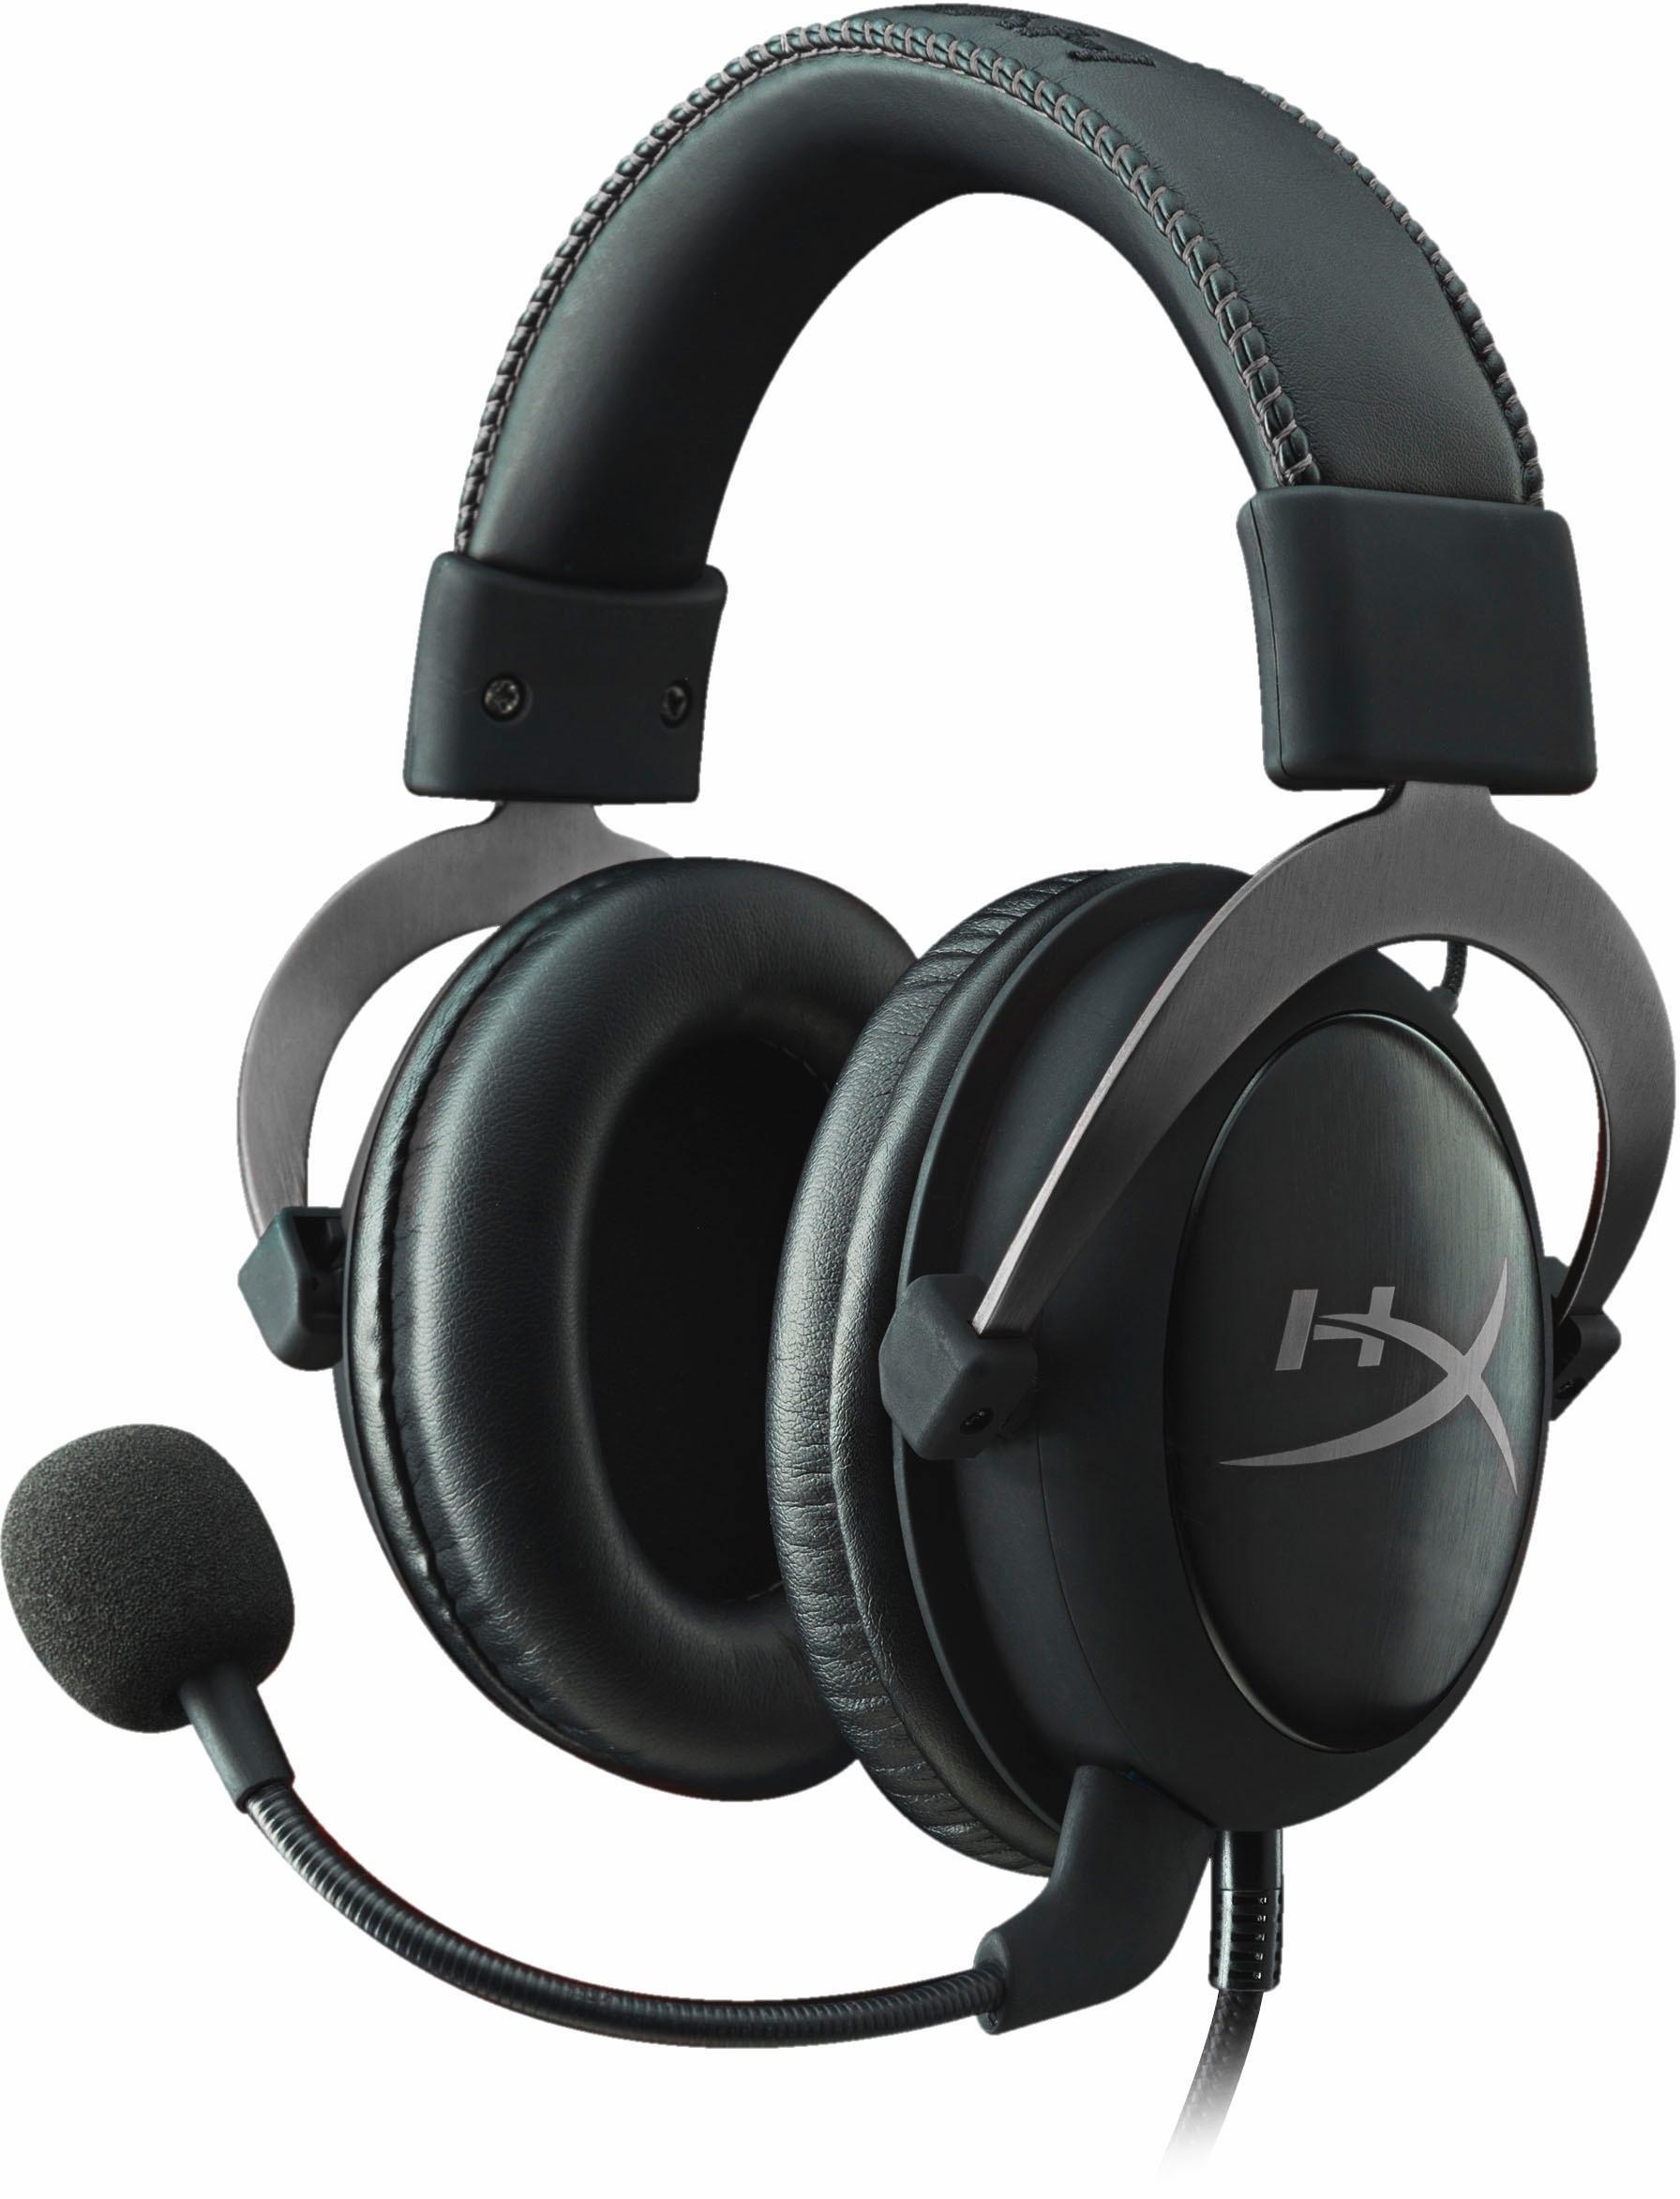 Hyperx Cloud II Pro gaming-headset voordelig en veilig online kopen